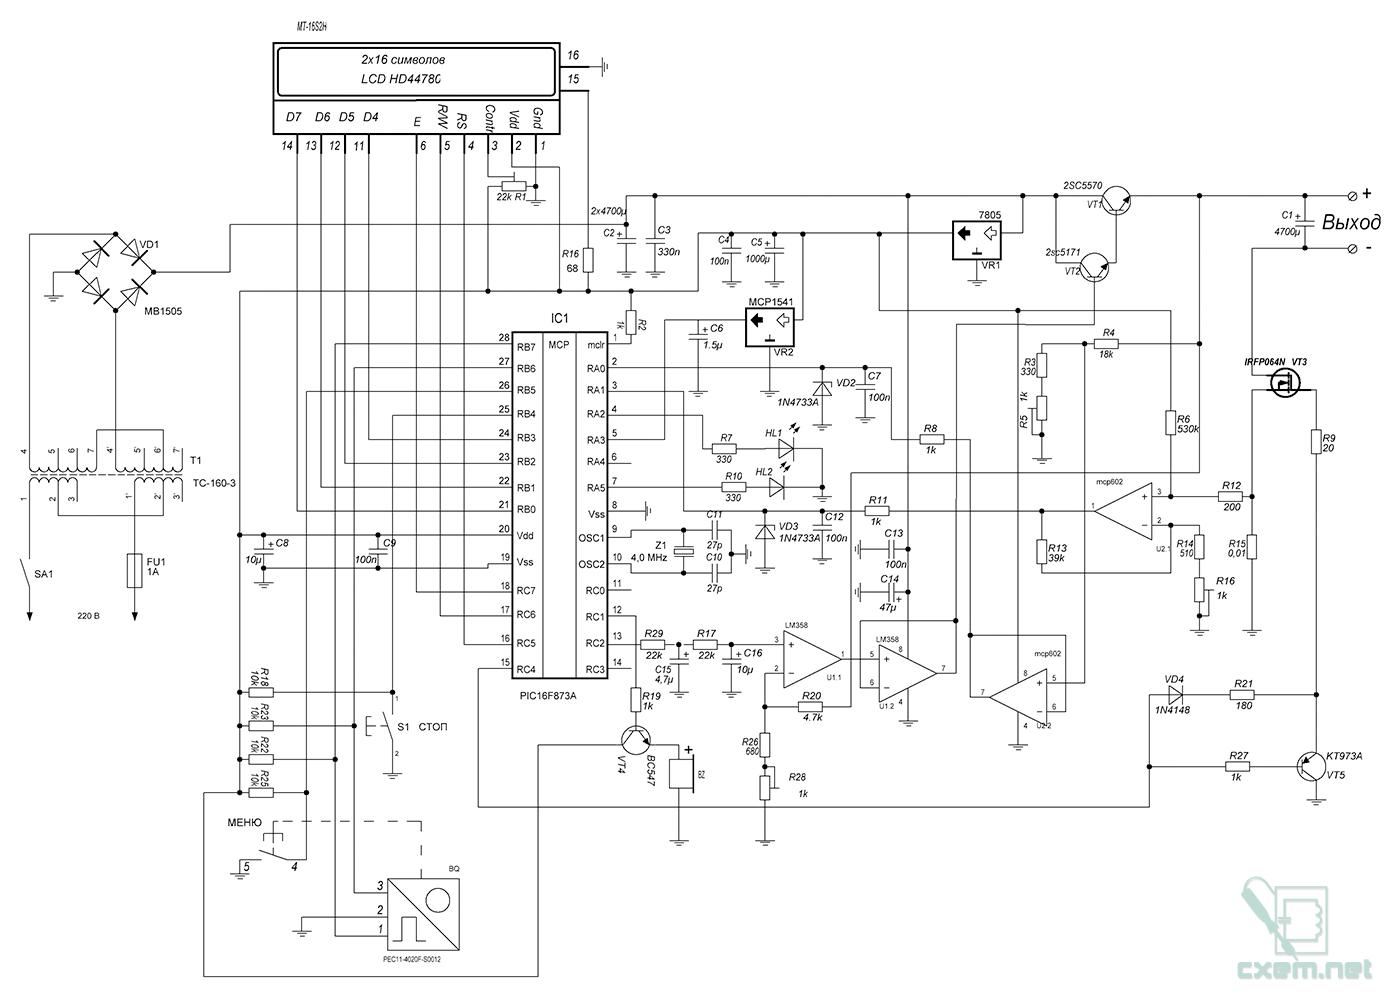 схема лабораторный блок питания на микроконтроллере